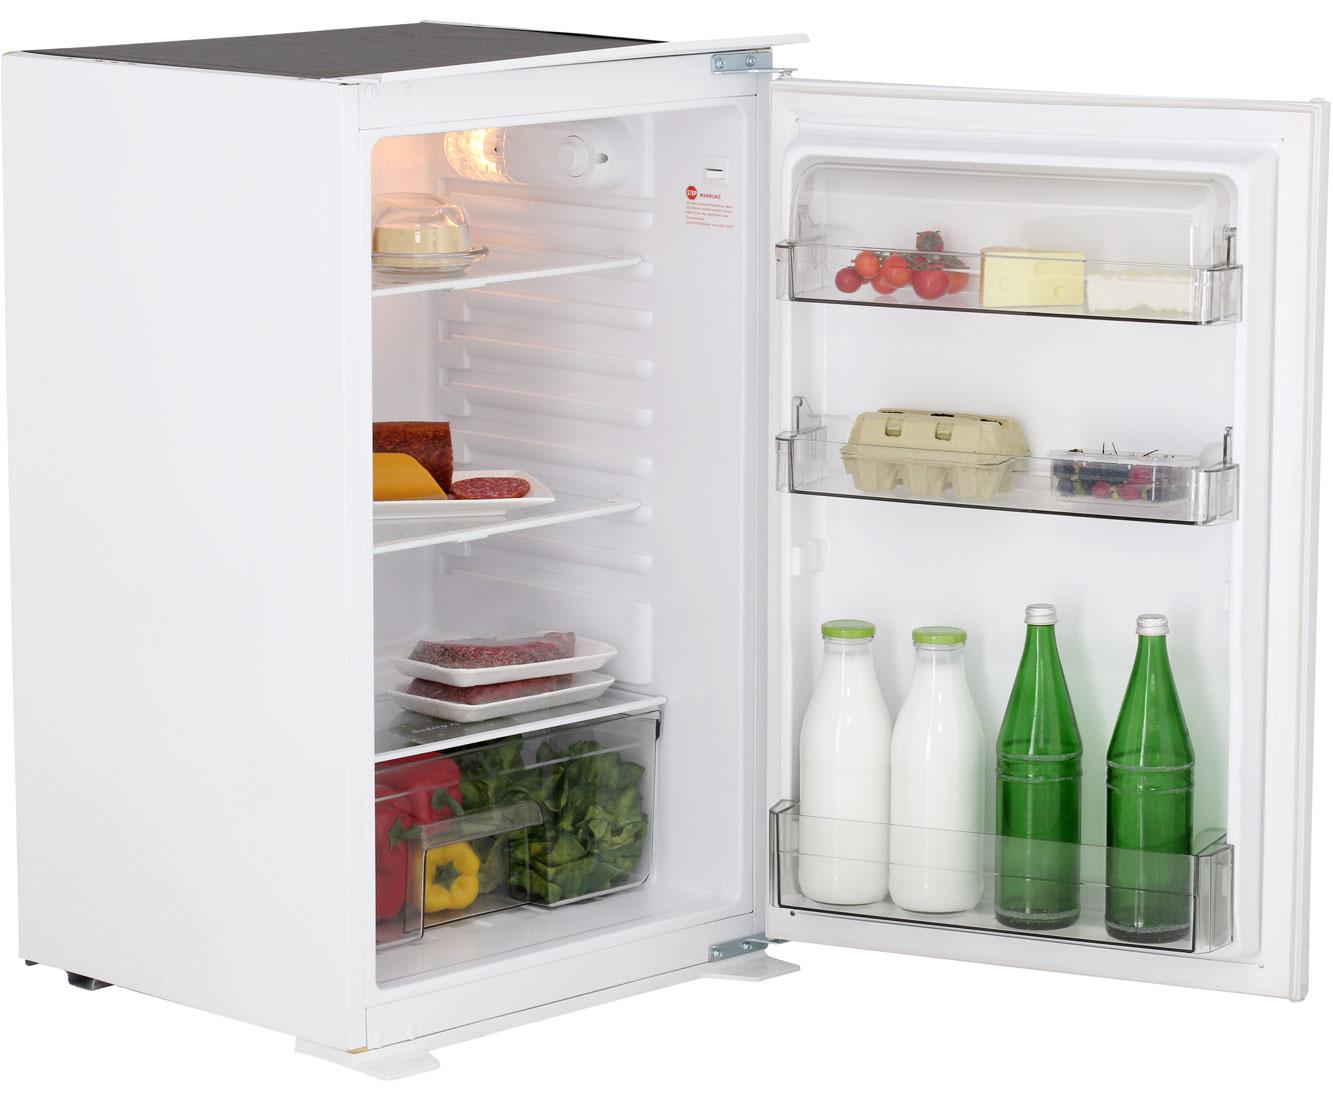 Exquisit Retro Kühlschrank : Exquisit kühlschrank preisvergleich u2022 die besten angebote online kaufen